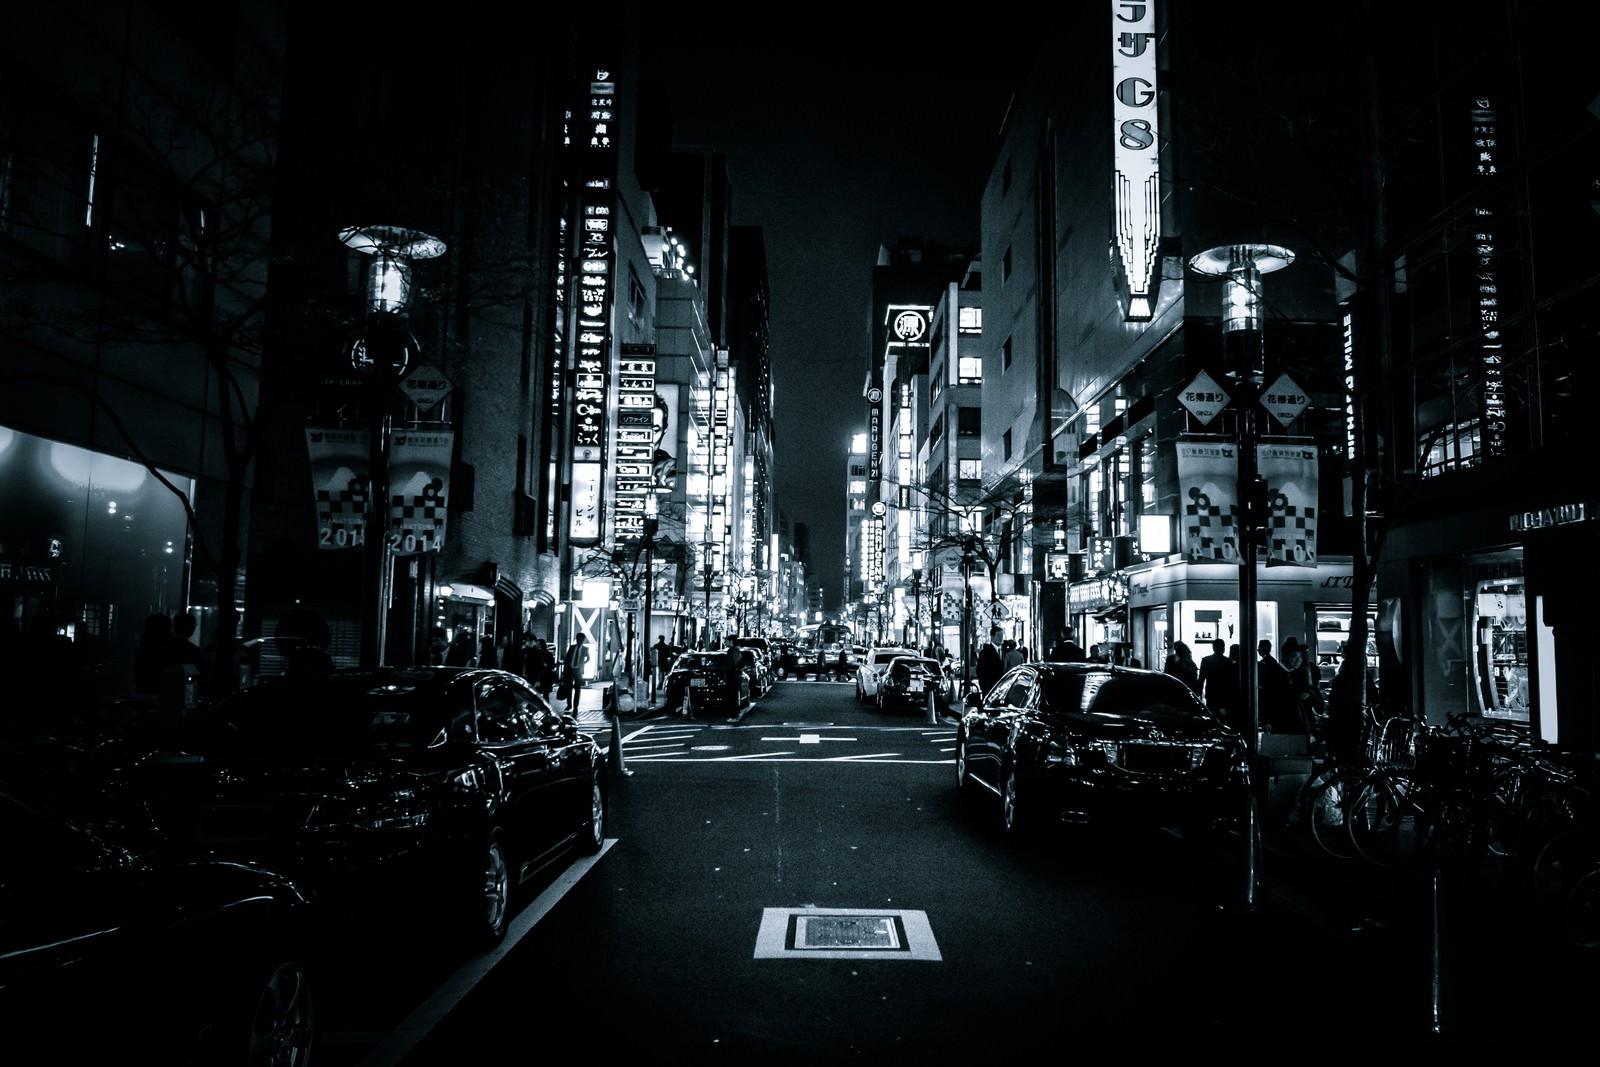 「夜の銀座花椿通り」の写真